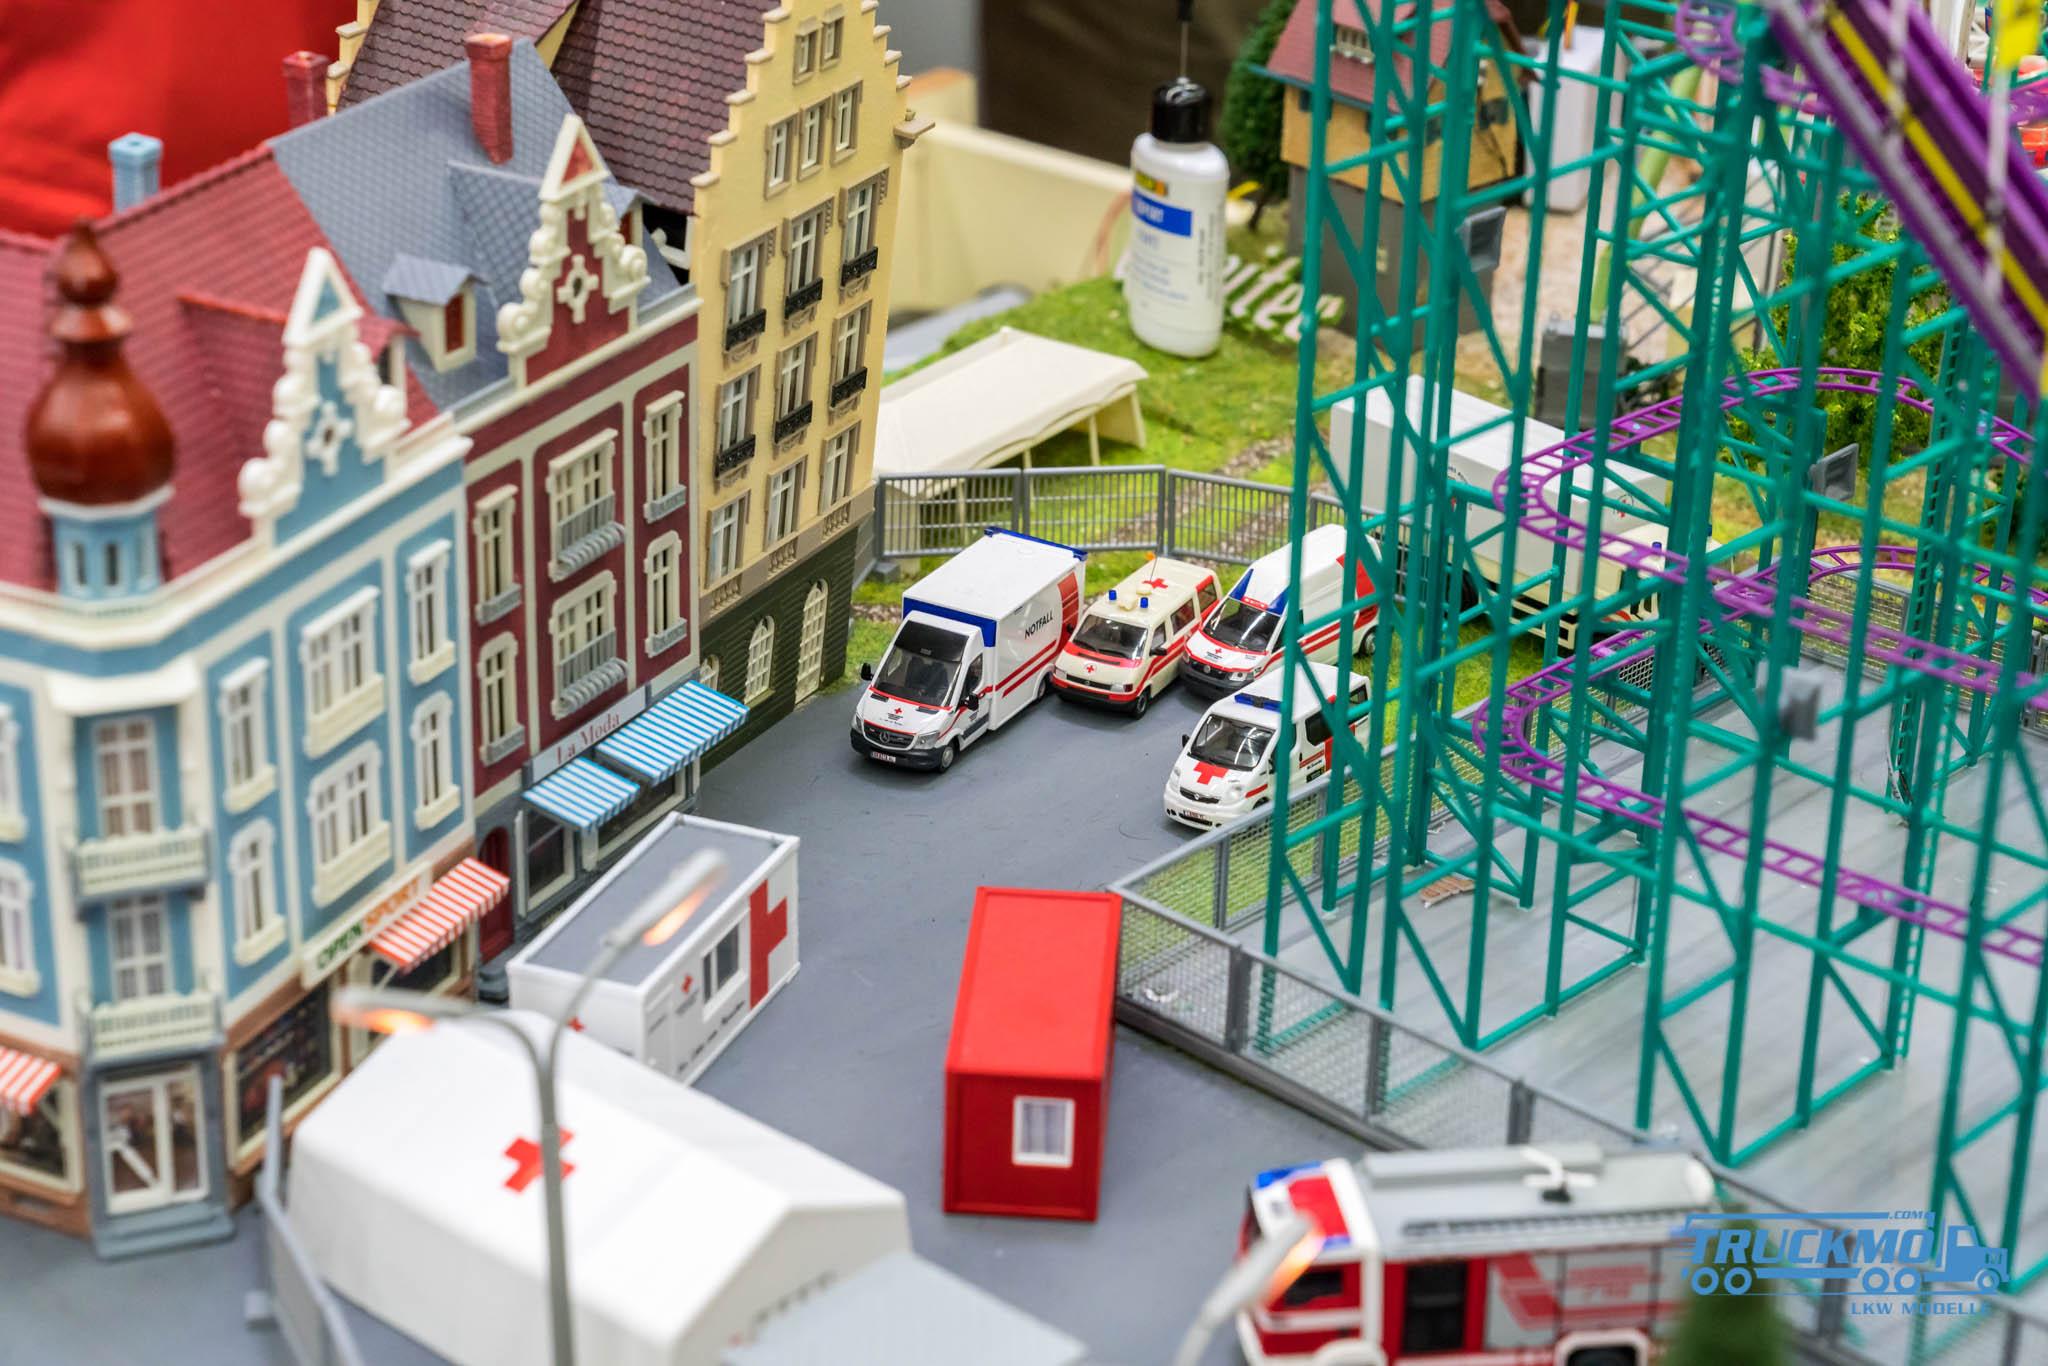 Truckmo_Modellbau_Ried_2017_Herpa_Messe_Modellbauausstellung (288 von 1177)